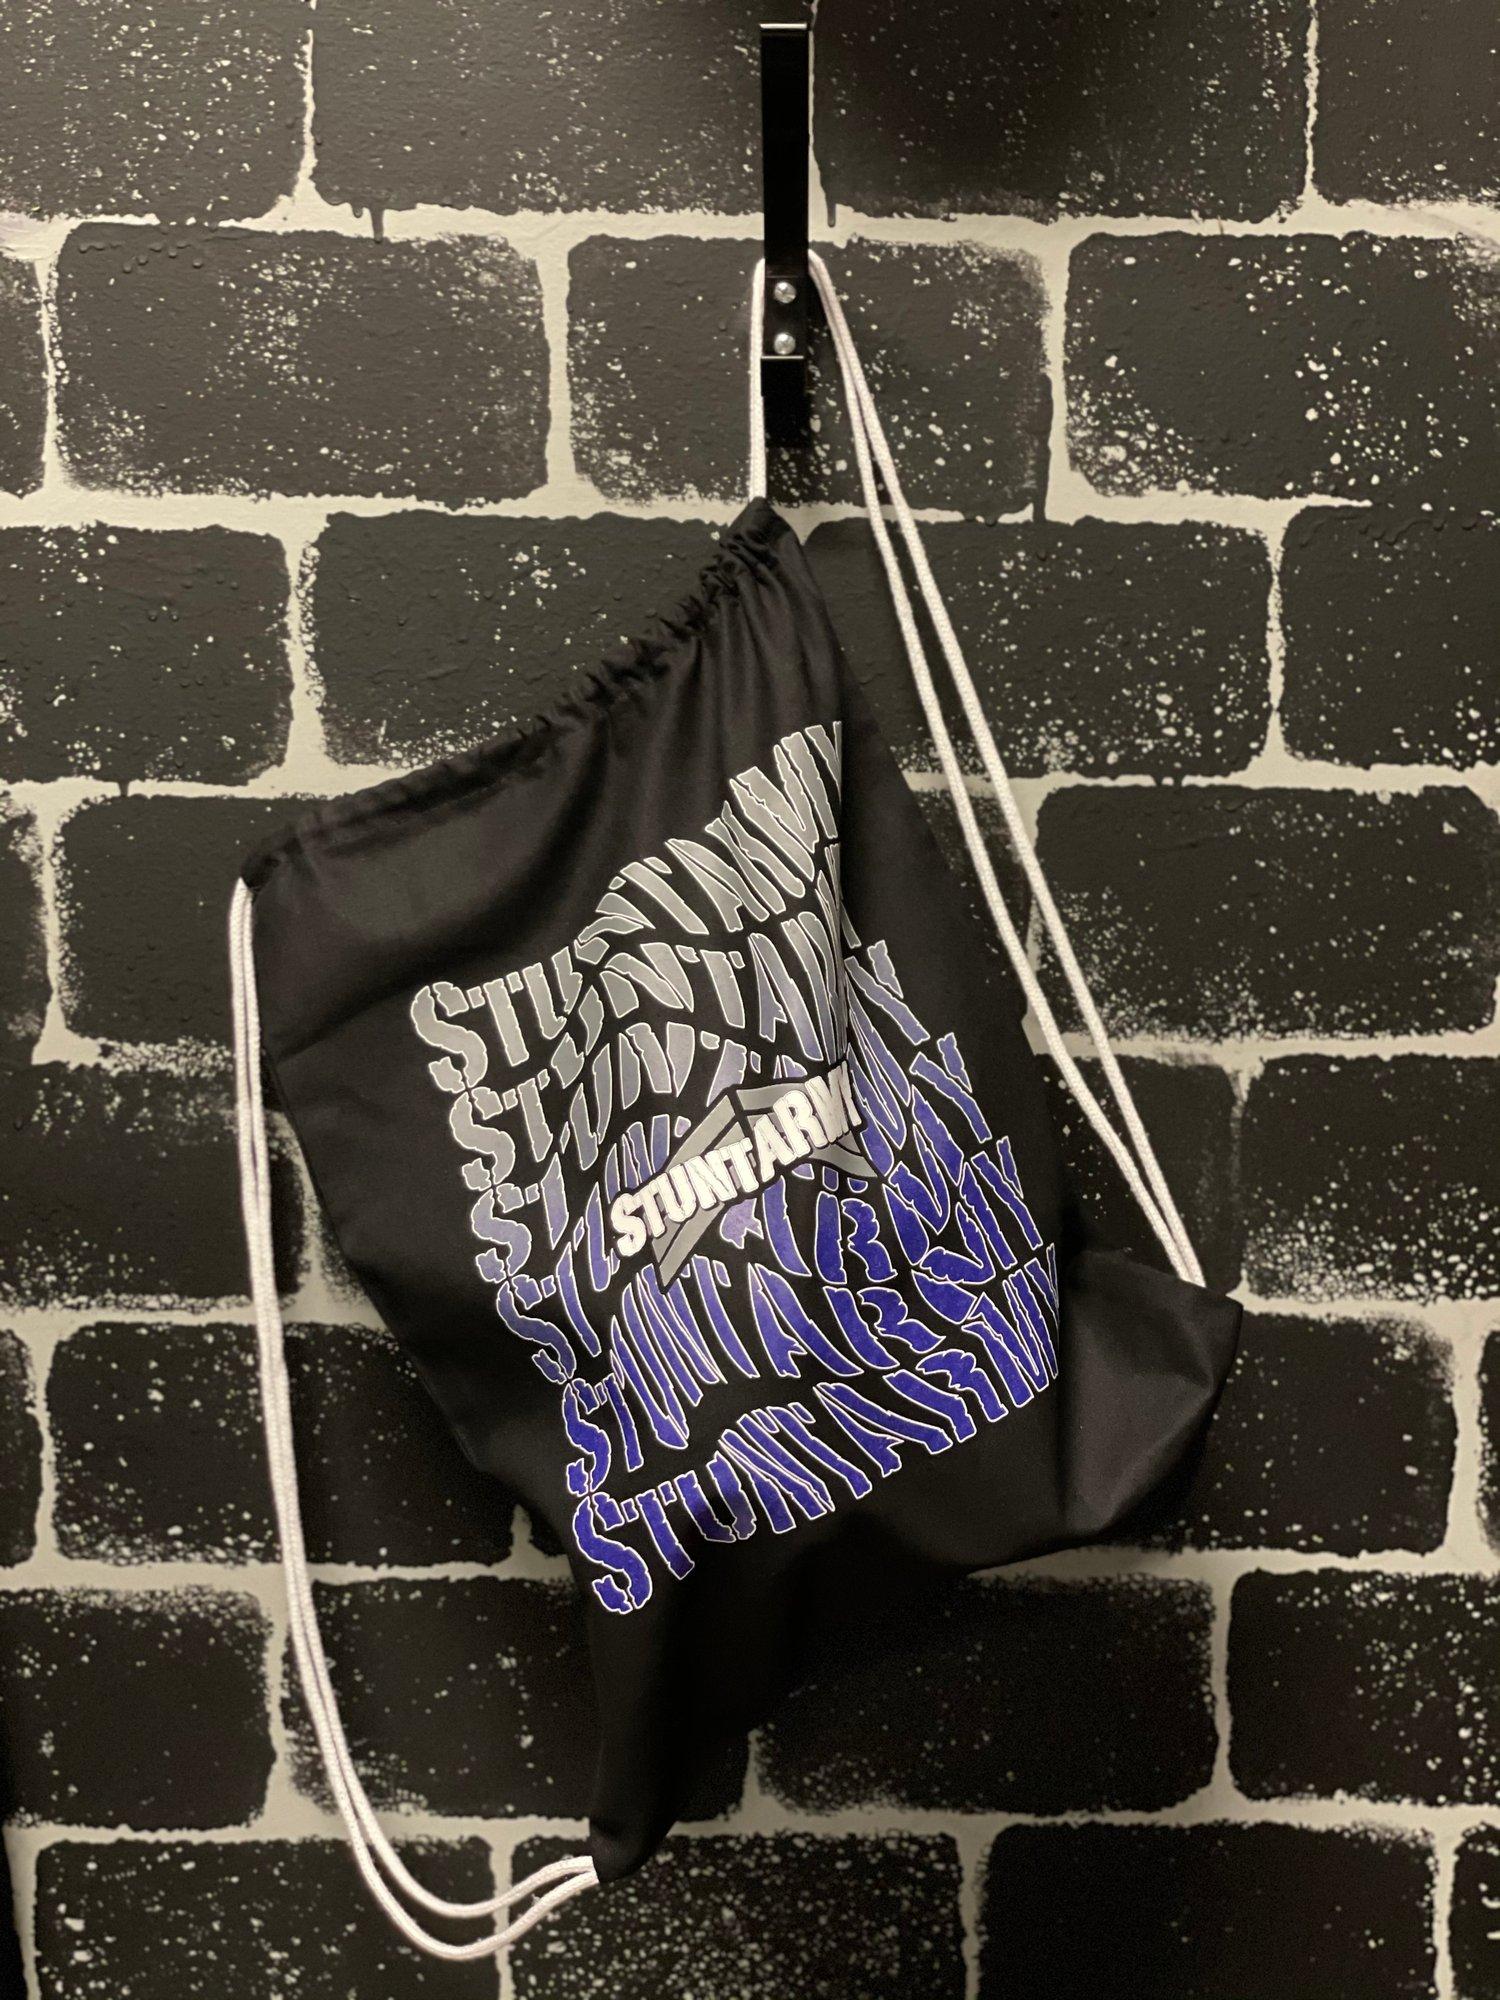 Image of Swerve Drawstring bag